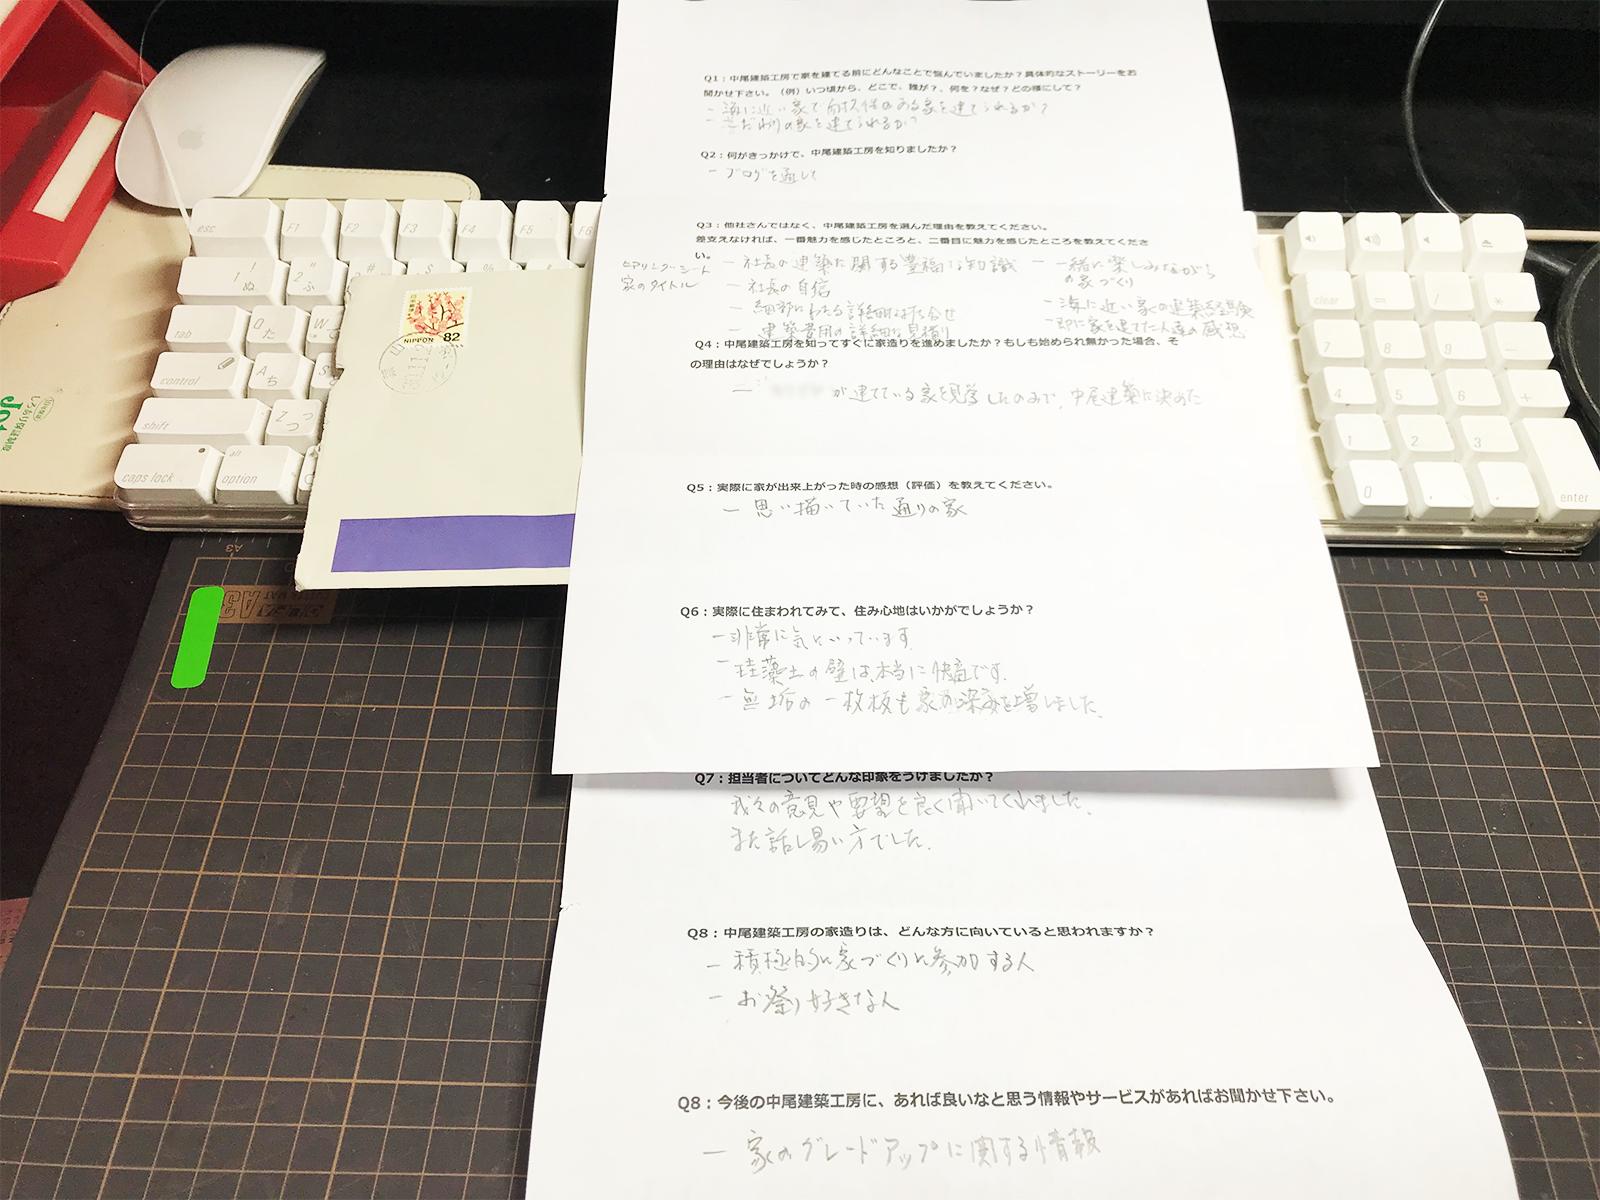 ob-owner-yokosukashi-akiya-hakatamaru-questionnaire